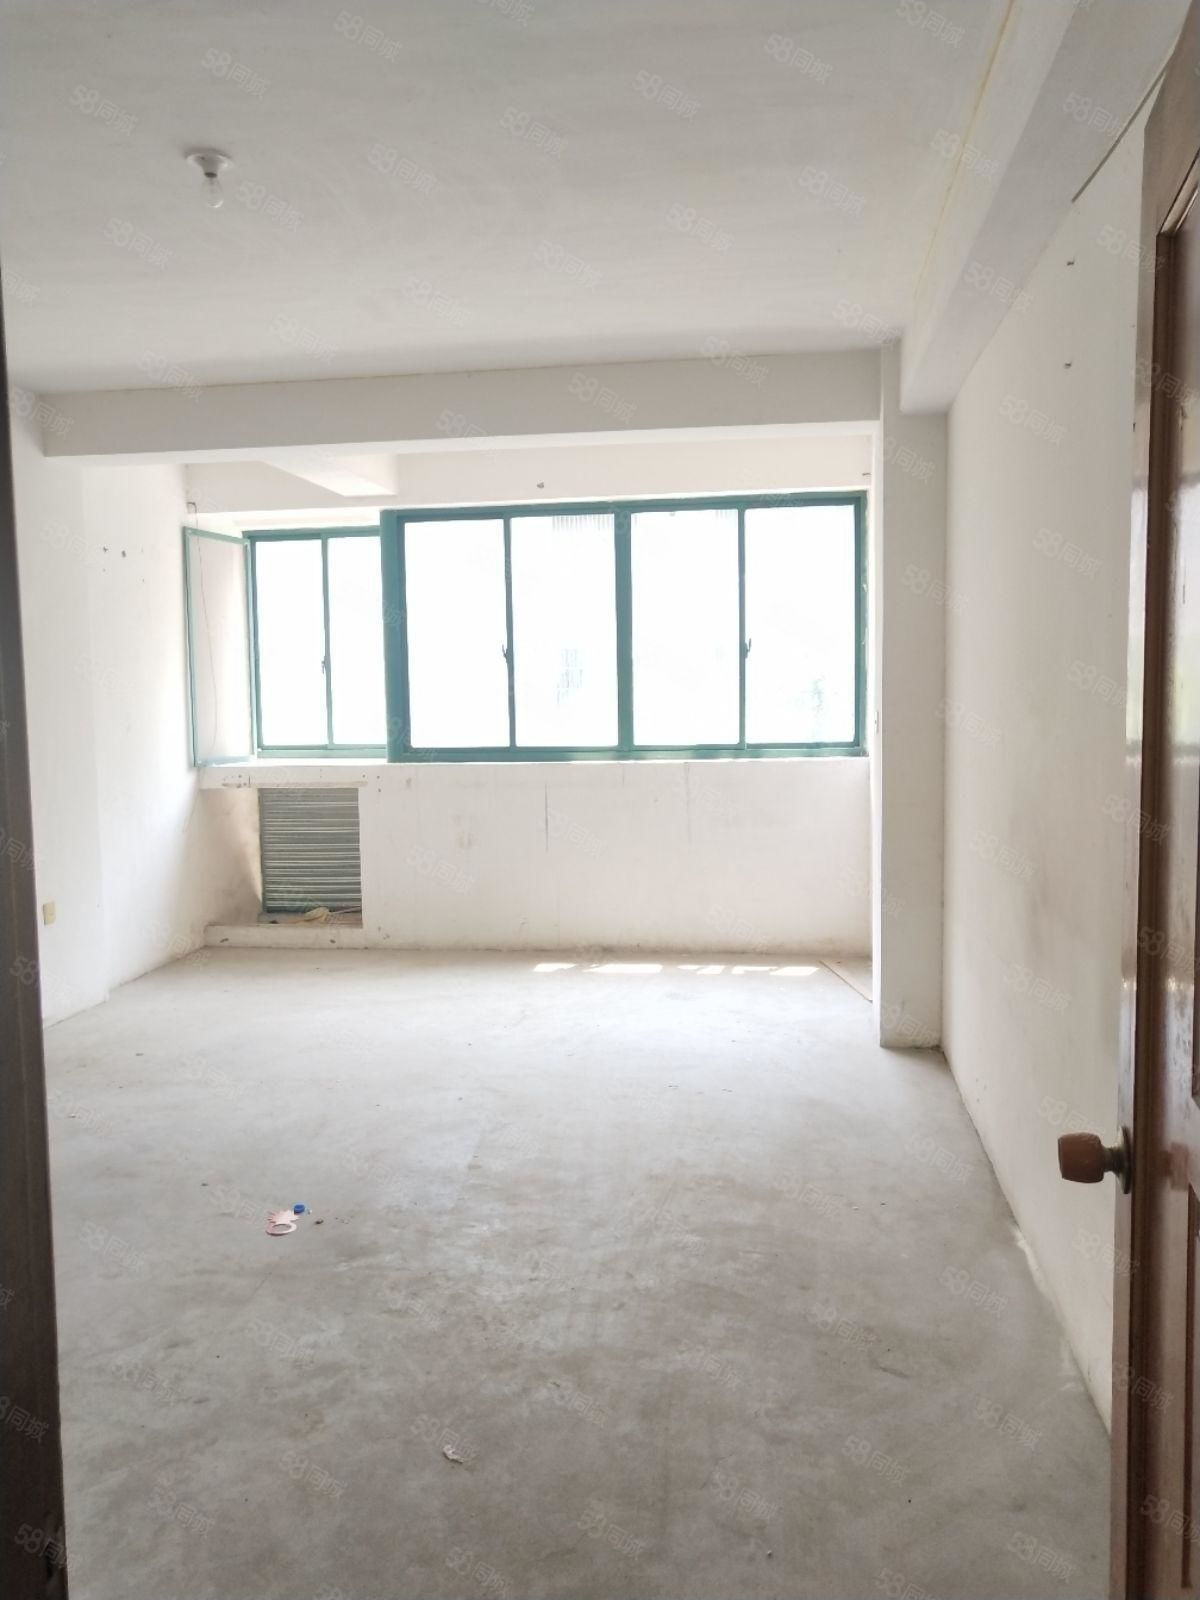 勤丰苑2楼131平172万毛坯房紧邻万达广场,生活方便